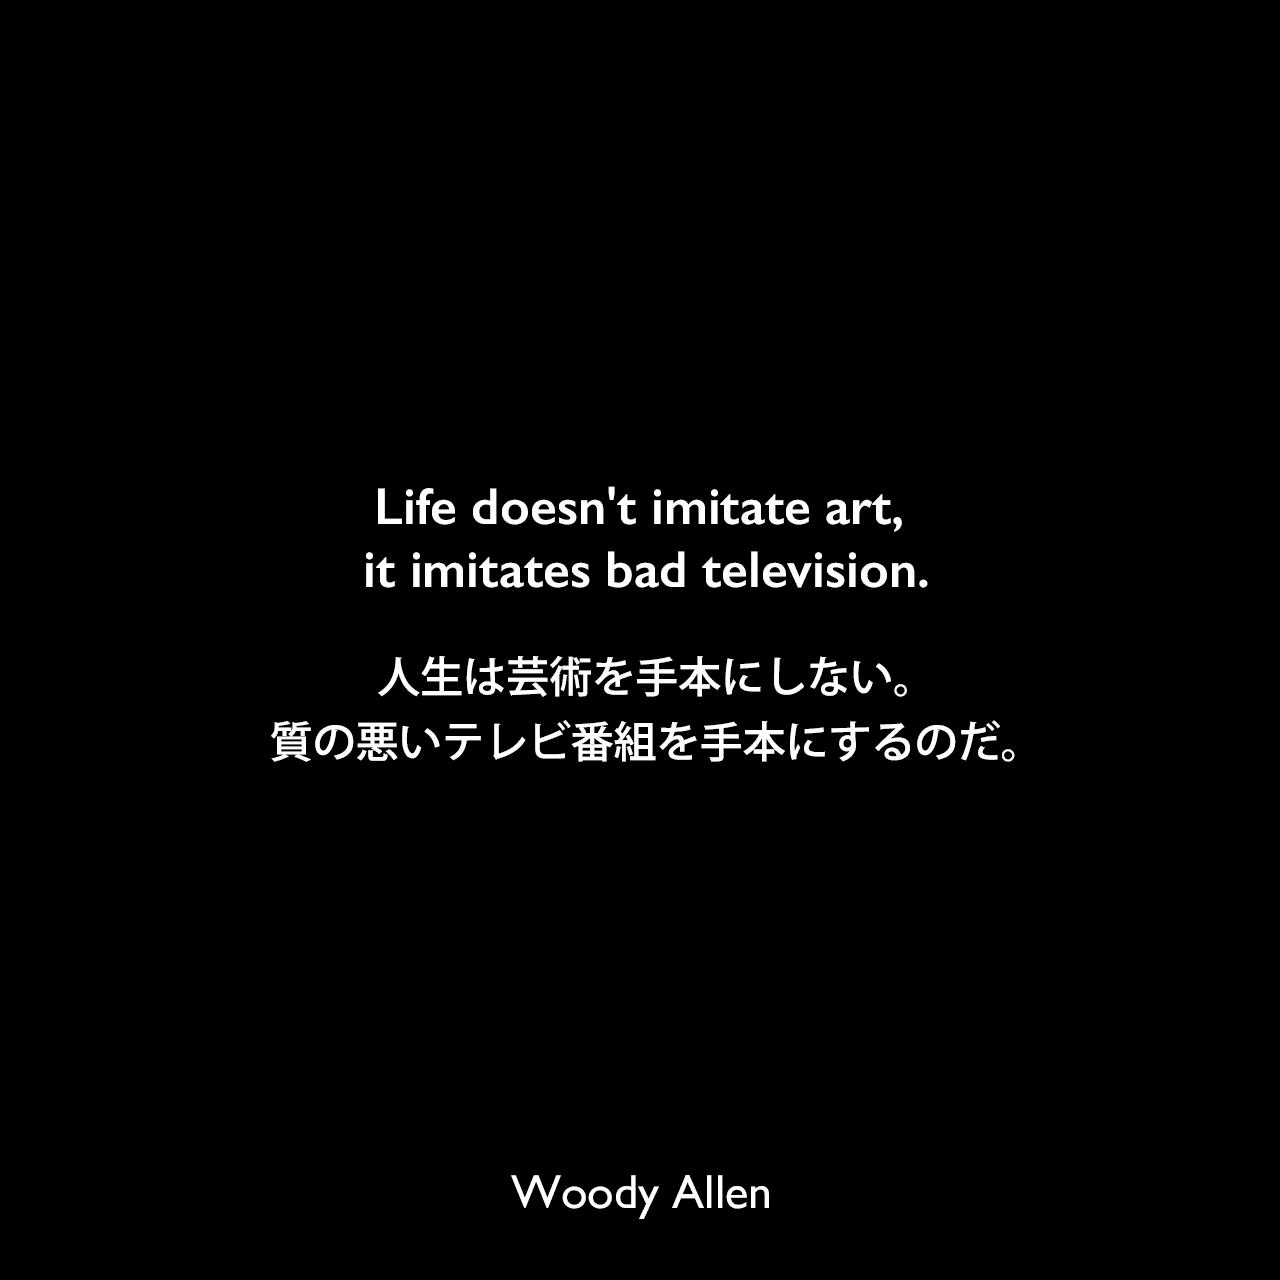 Life doesn't imitate art, it imitates bad television.人生は芸術を手本にしない。質の悪いテレビ番組を手本にするのだ。Woody Allen